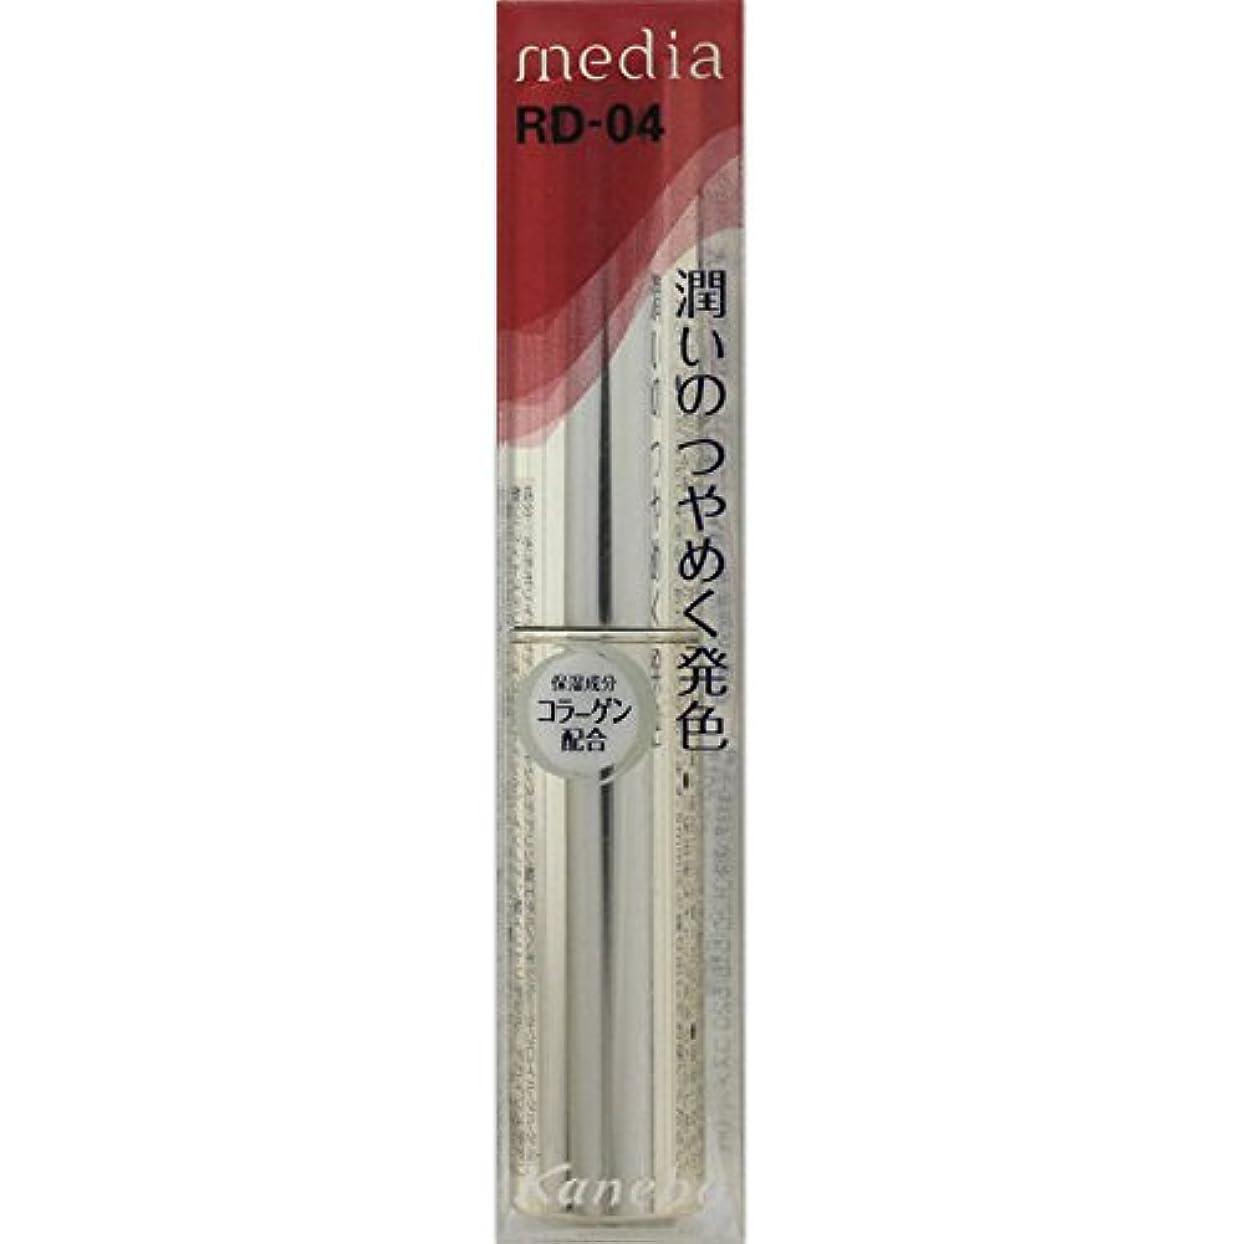 フラフープ雄弁なスイス人カネボウ メディア(media)シャイニーエッセンスリップA カラー:RD-04